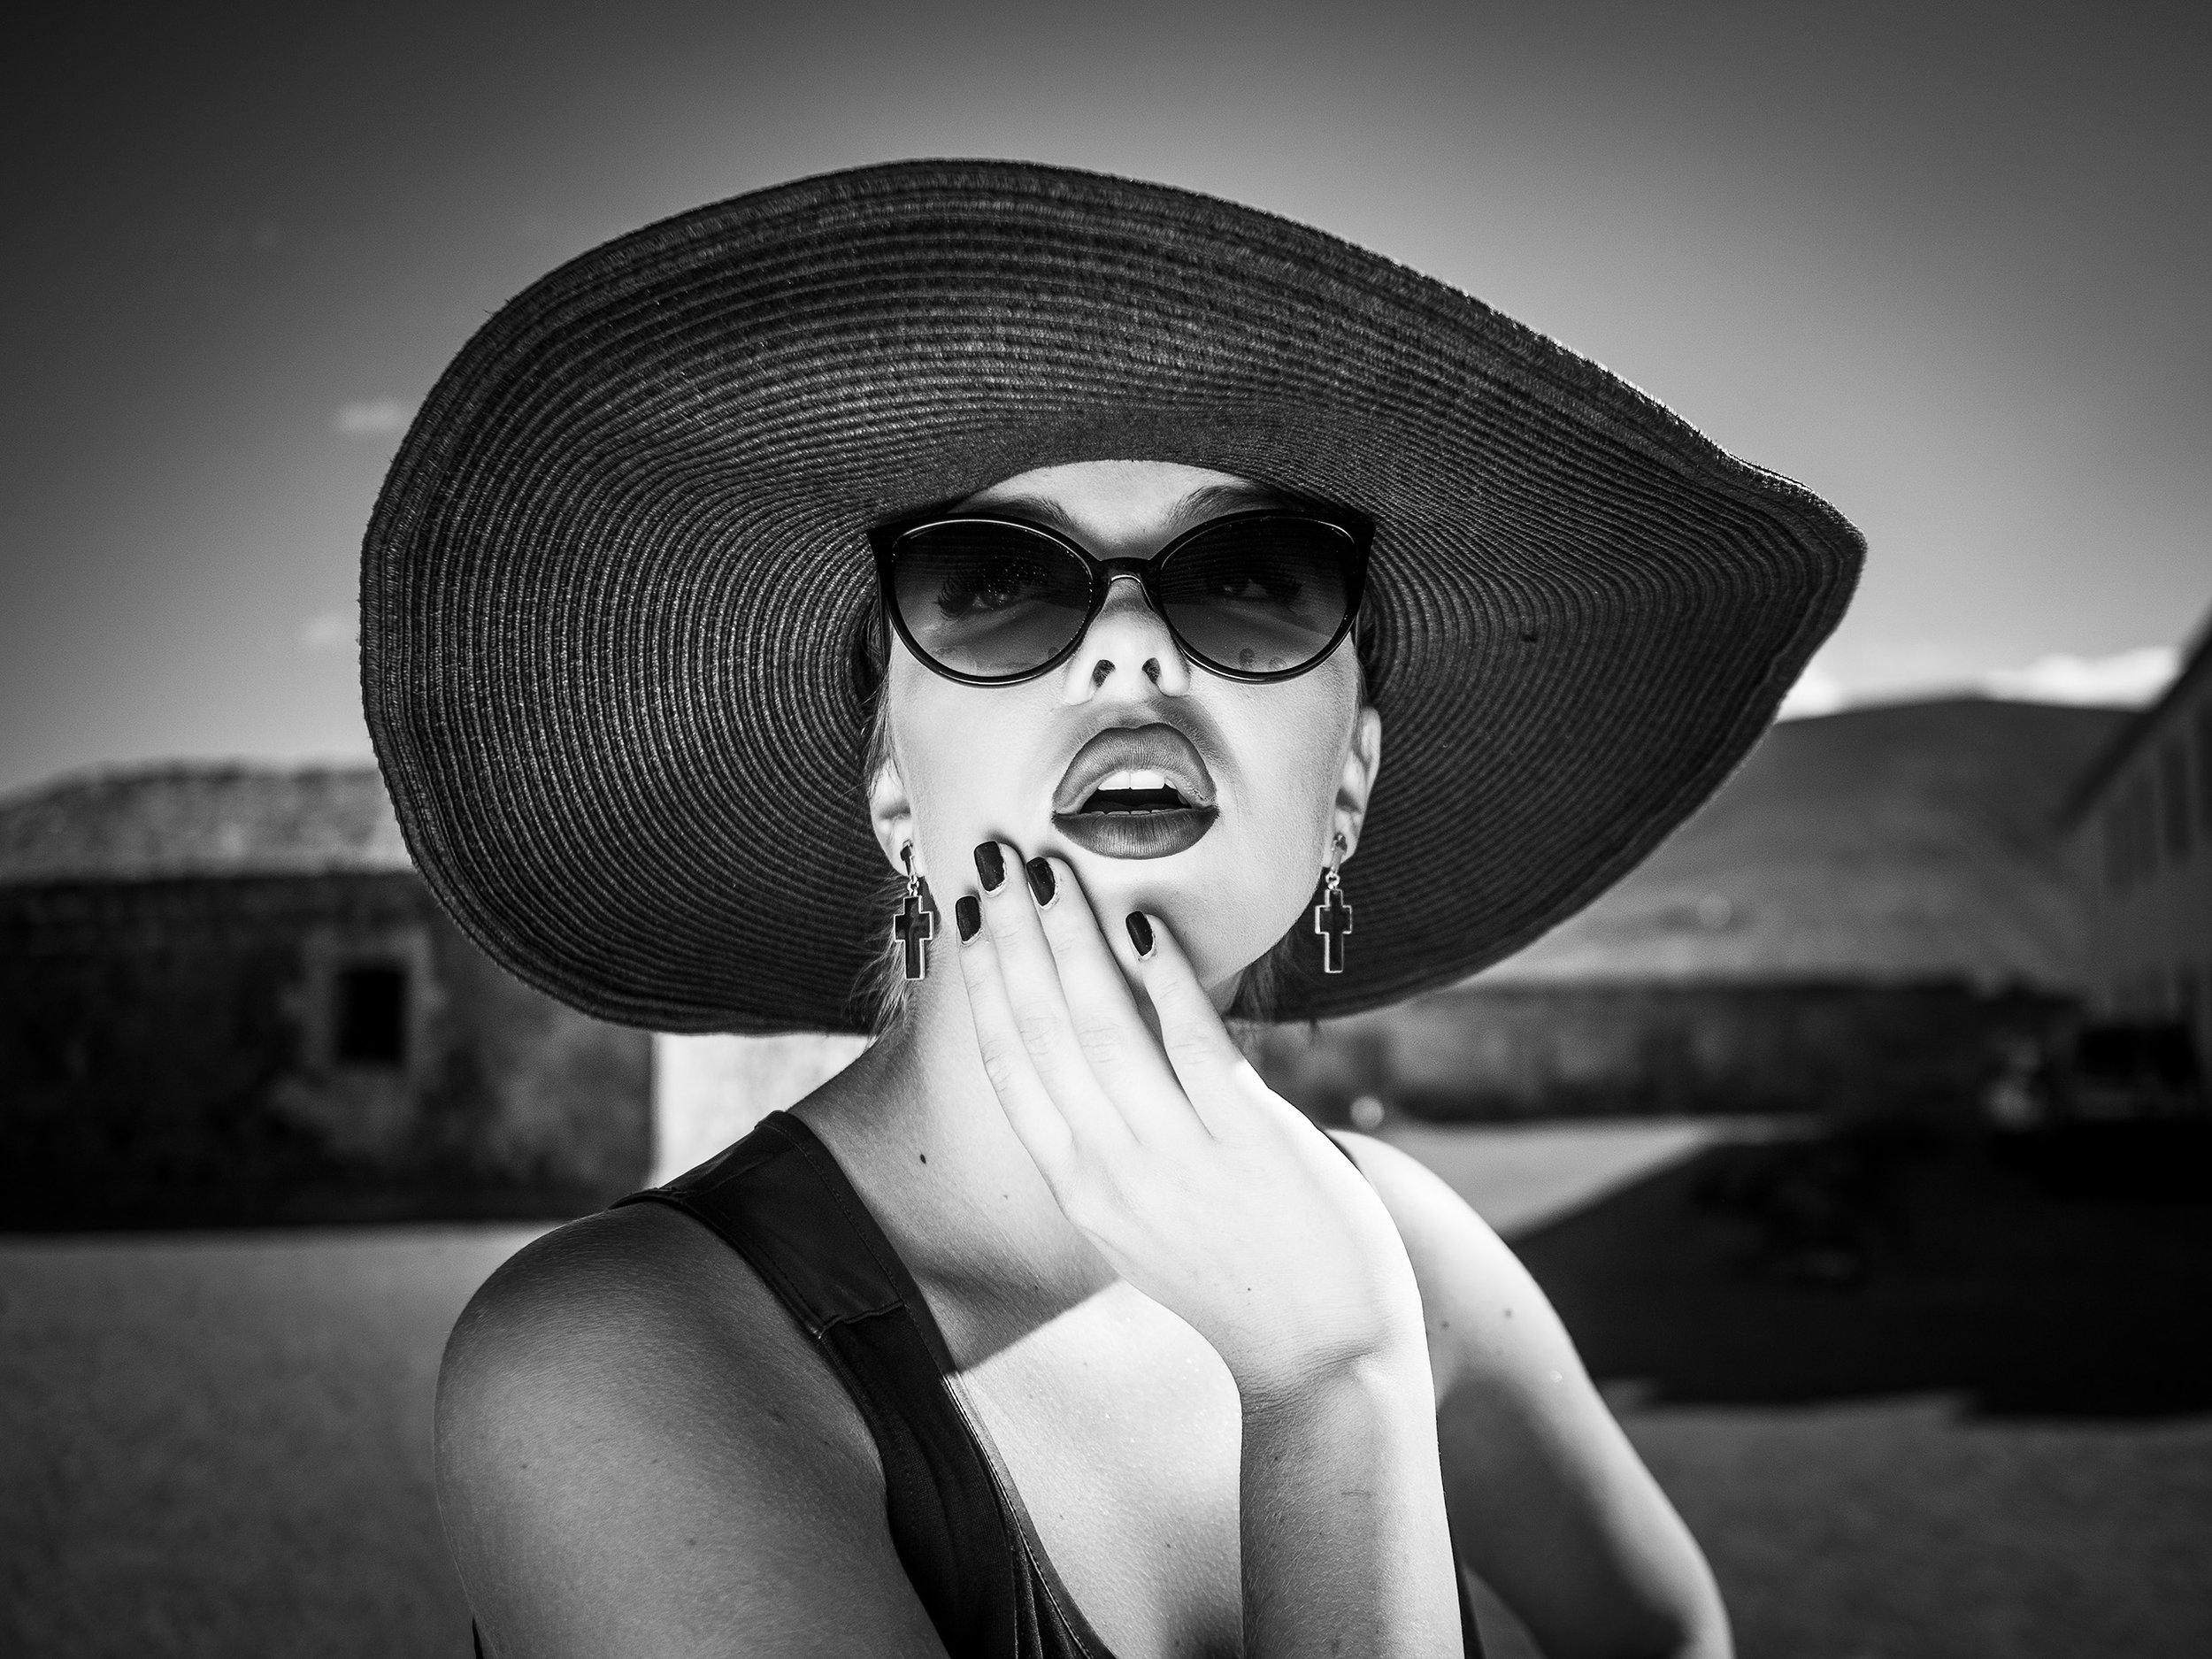 Olga Maria Veide by Eric Berger - Fuerteventura 10/2017 - OLYMPUS PenF,OLYMPUS M.17mm F1.8, f2- 1/3200 - ISO 200 (A), Zeitautomatik(ESP). Lightroom CC